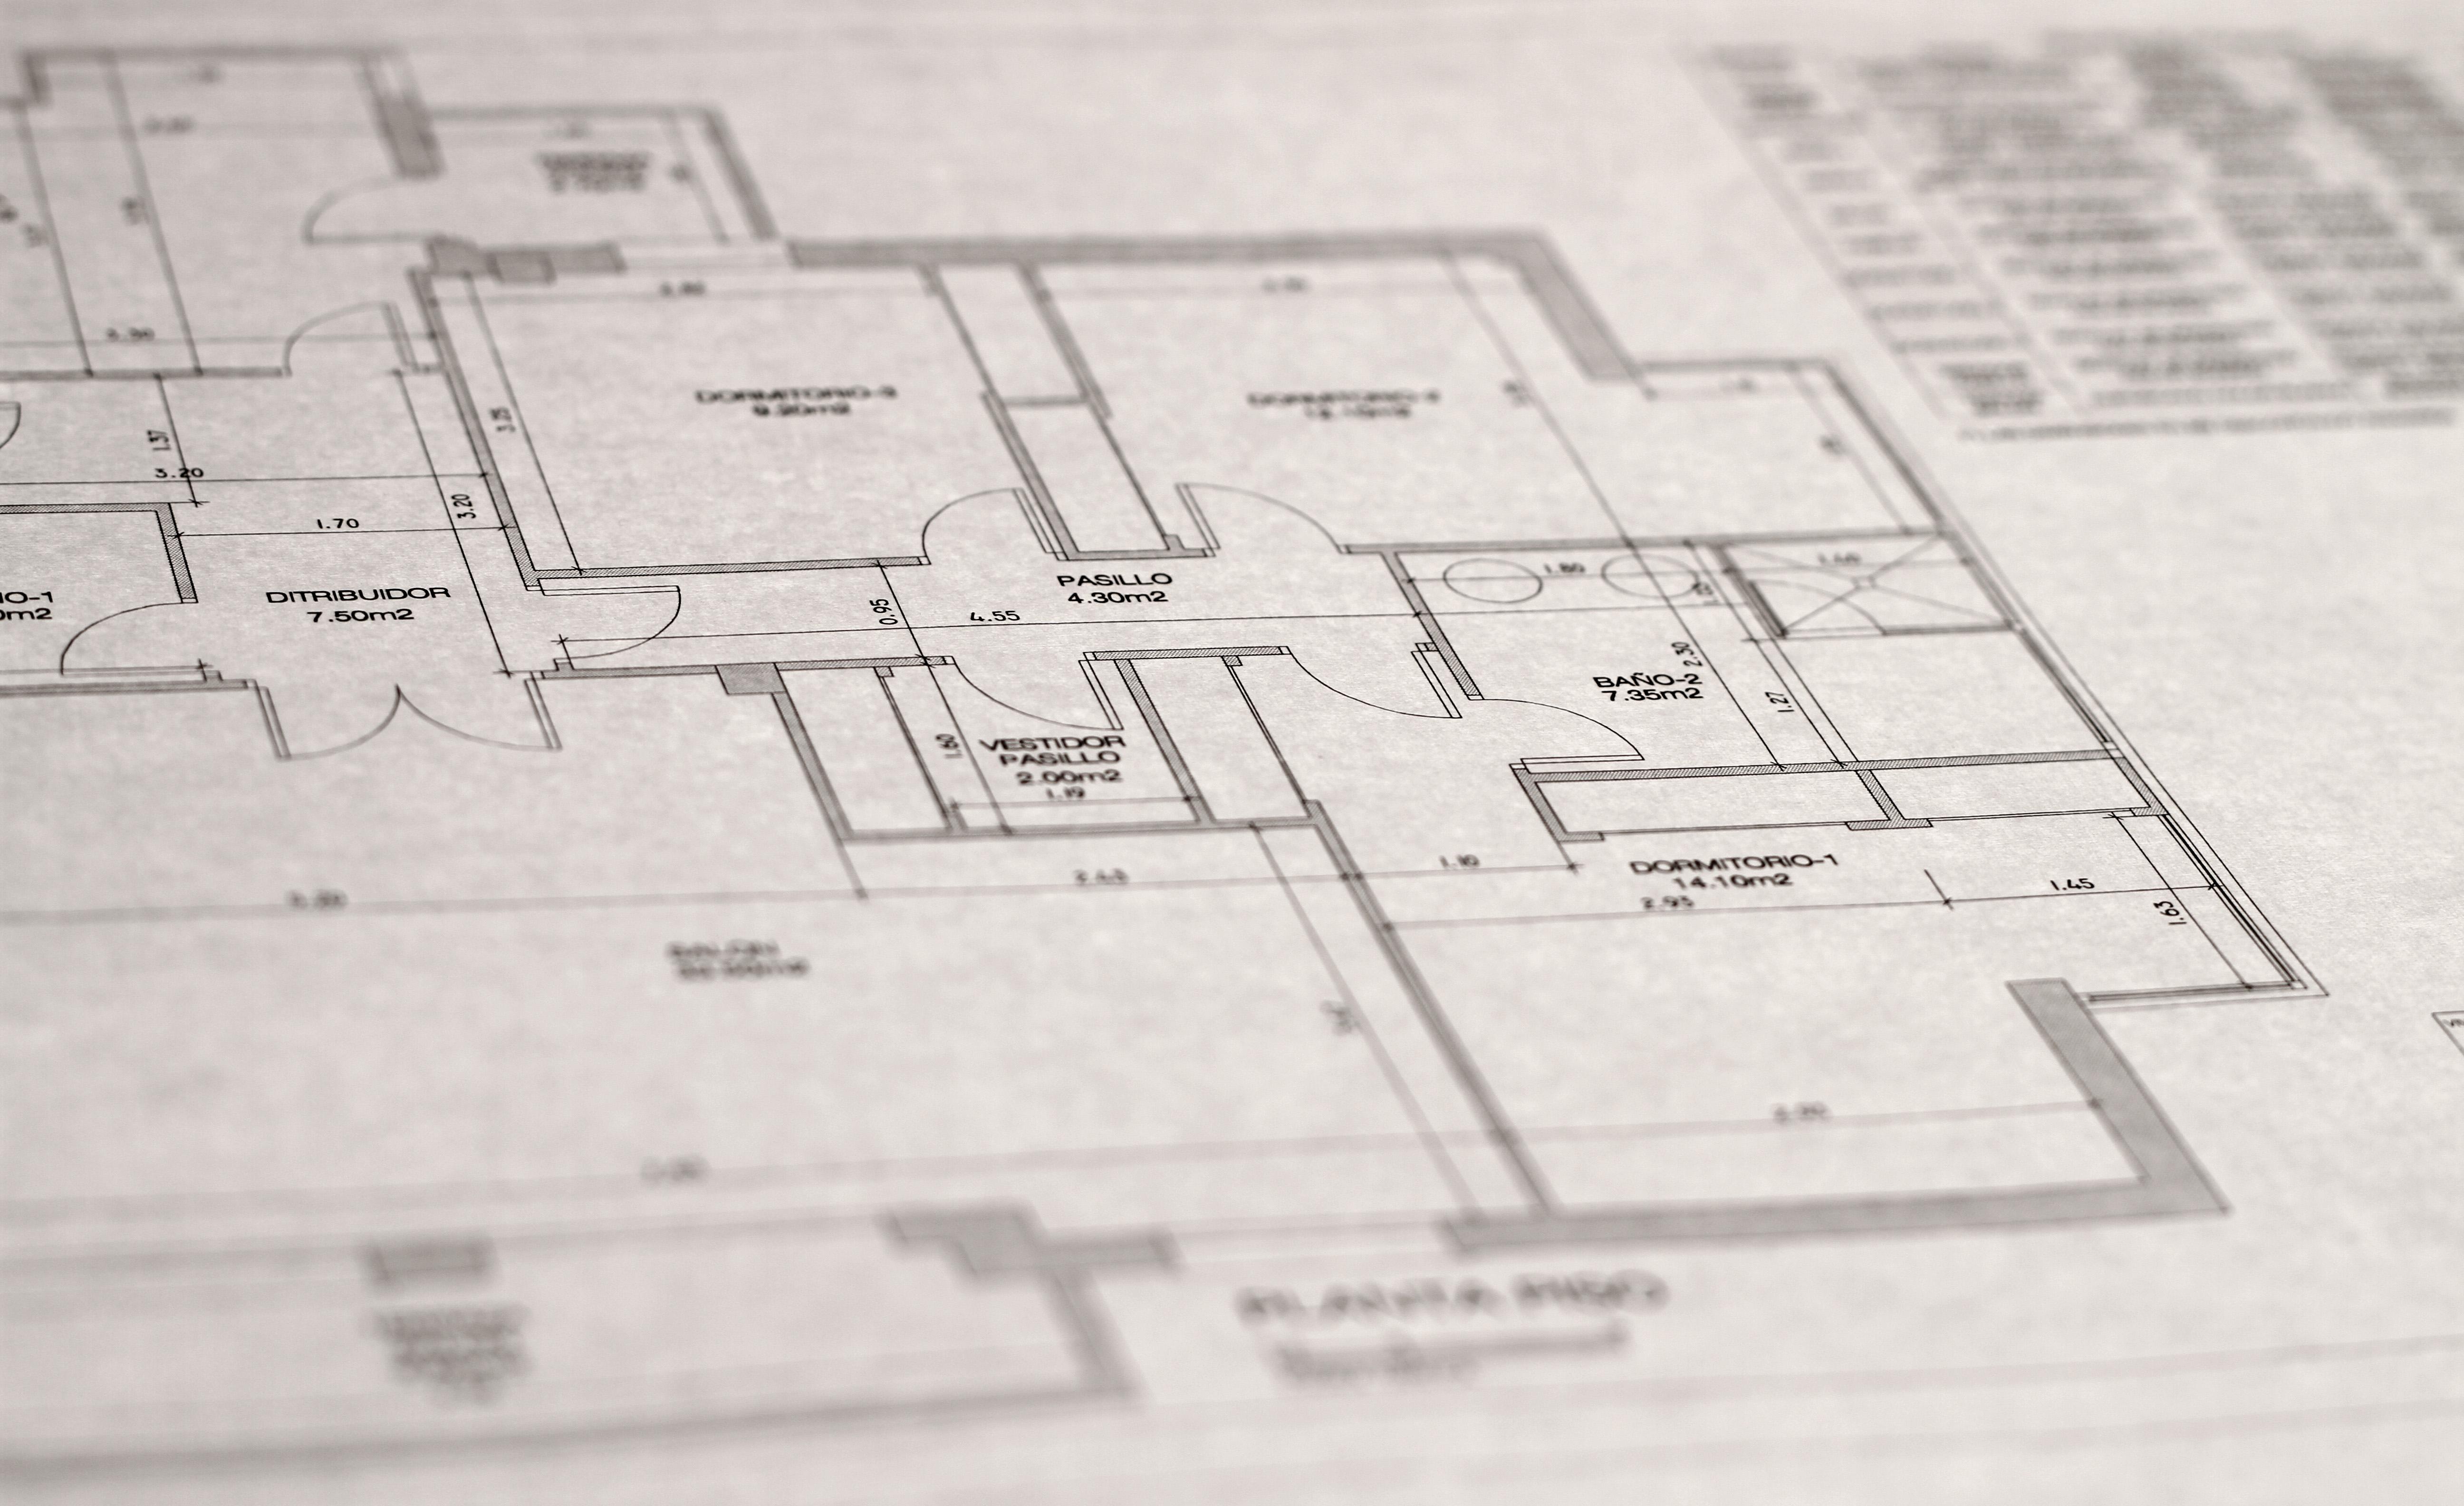 la venta de casas en madrid se desploma un 31%